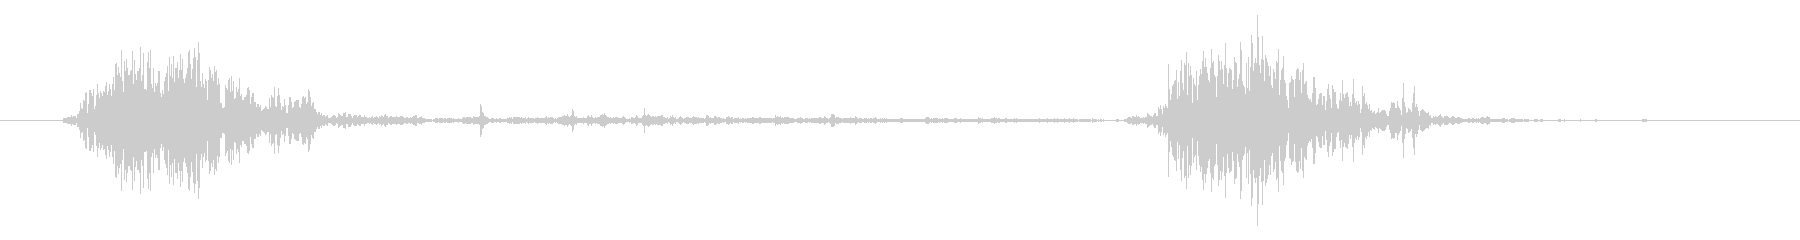 巨人 ボイドフォールボーンズ02の未再生の波形